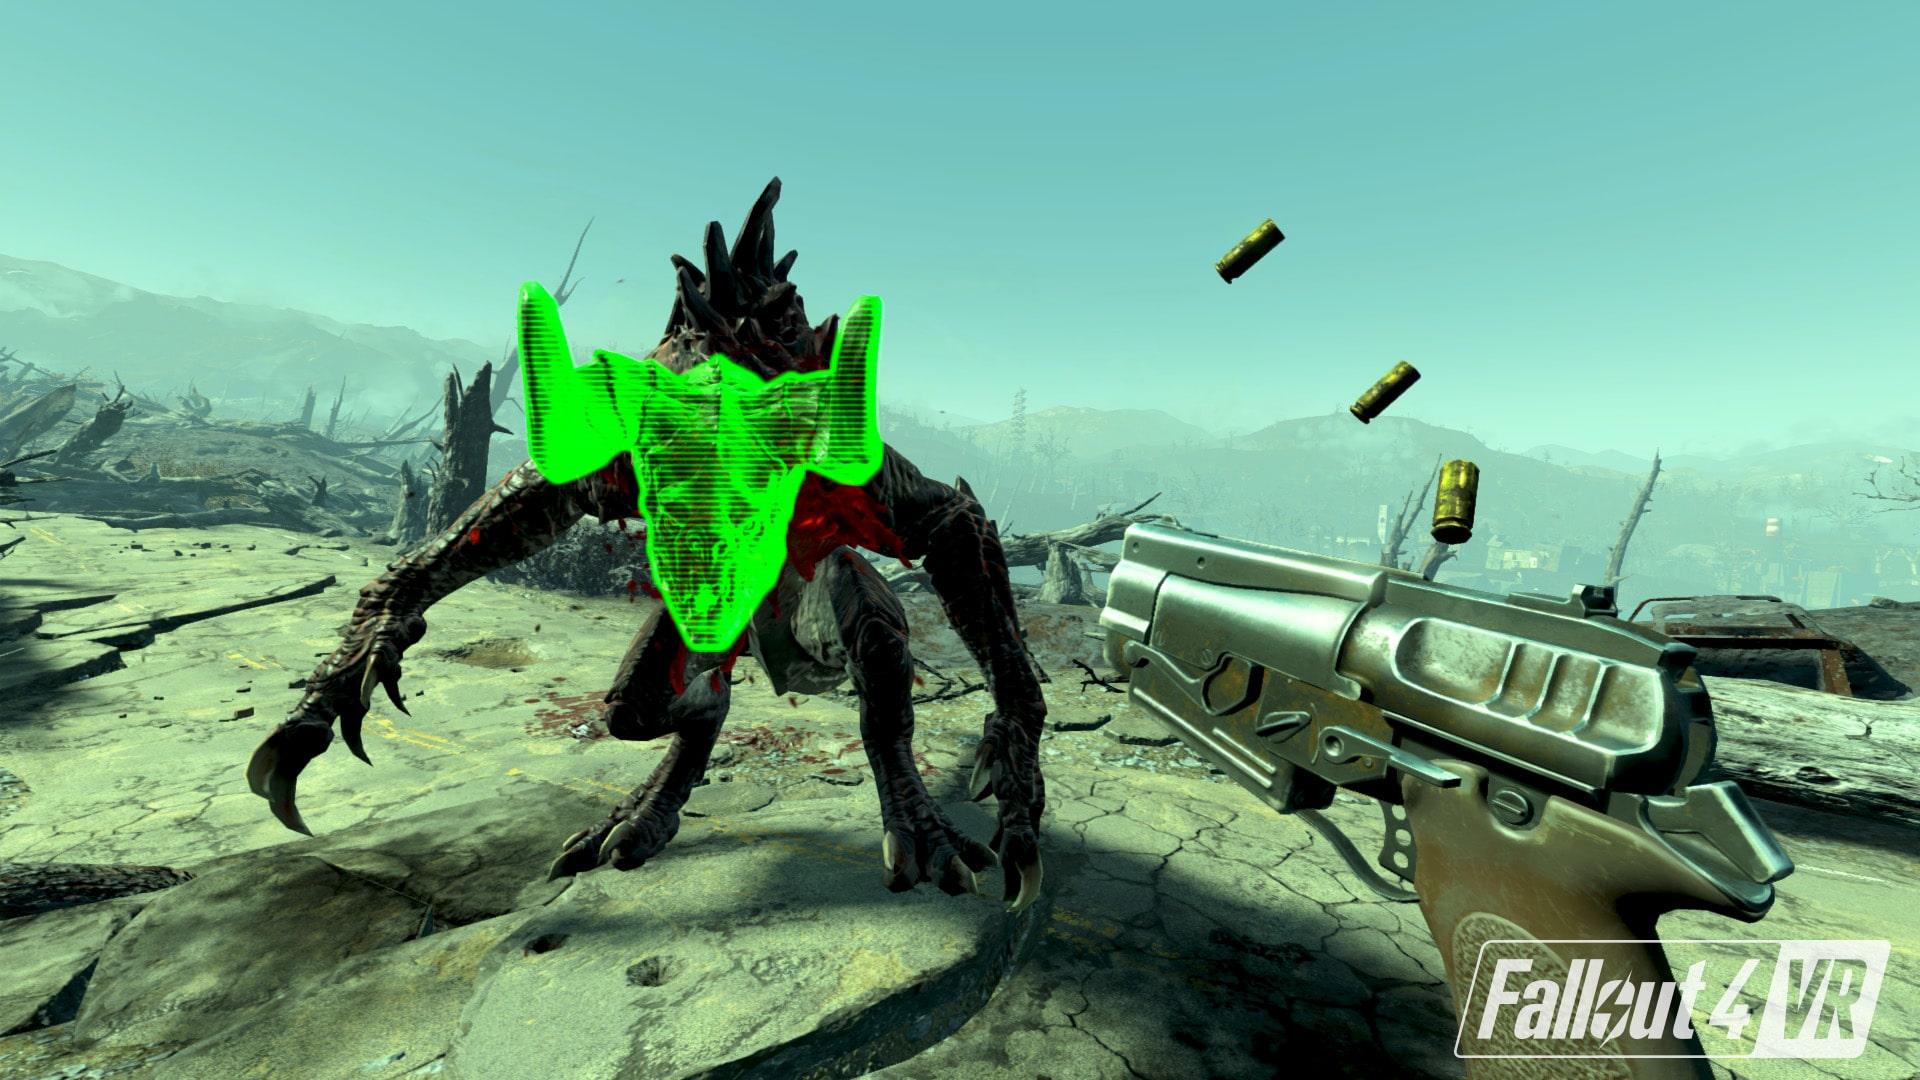 Bild von Fallout 4 VR angezockt – Wenn ein Genregigant auf Virtual Reality trifft